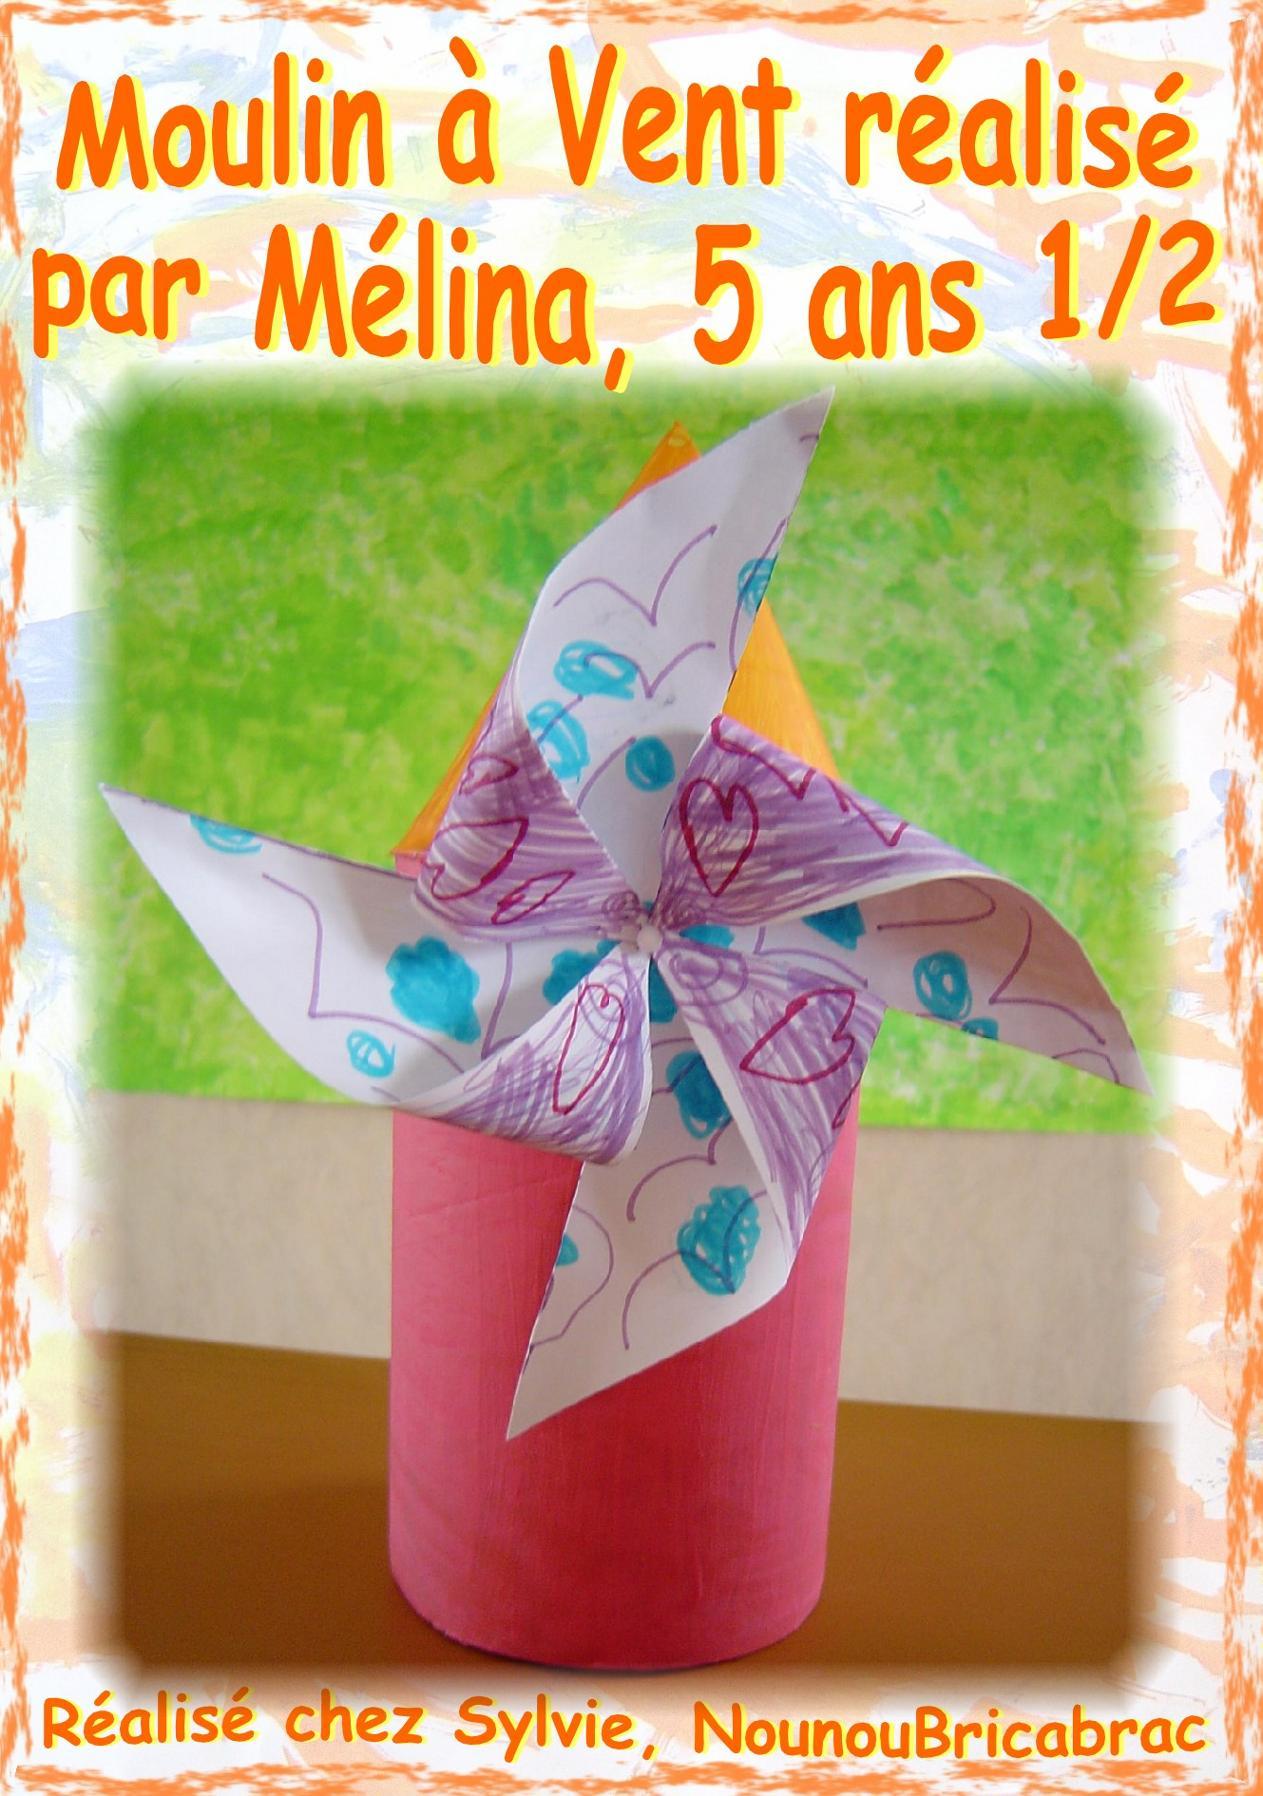 Moulin à Vent... de Mélina, 5 ans 1/2